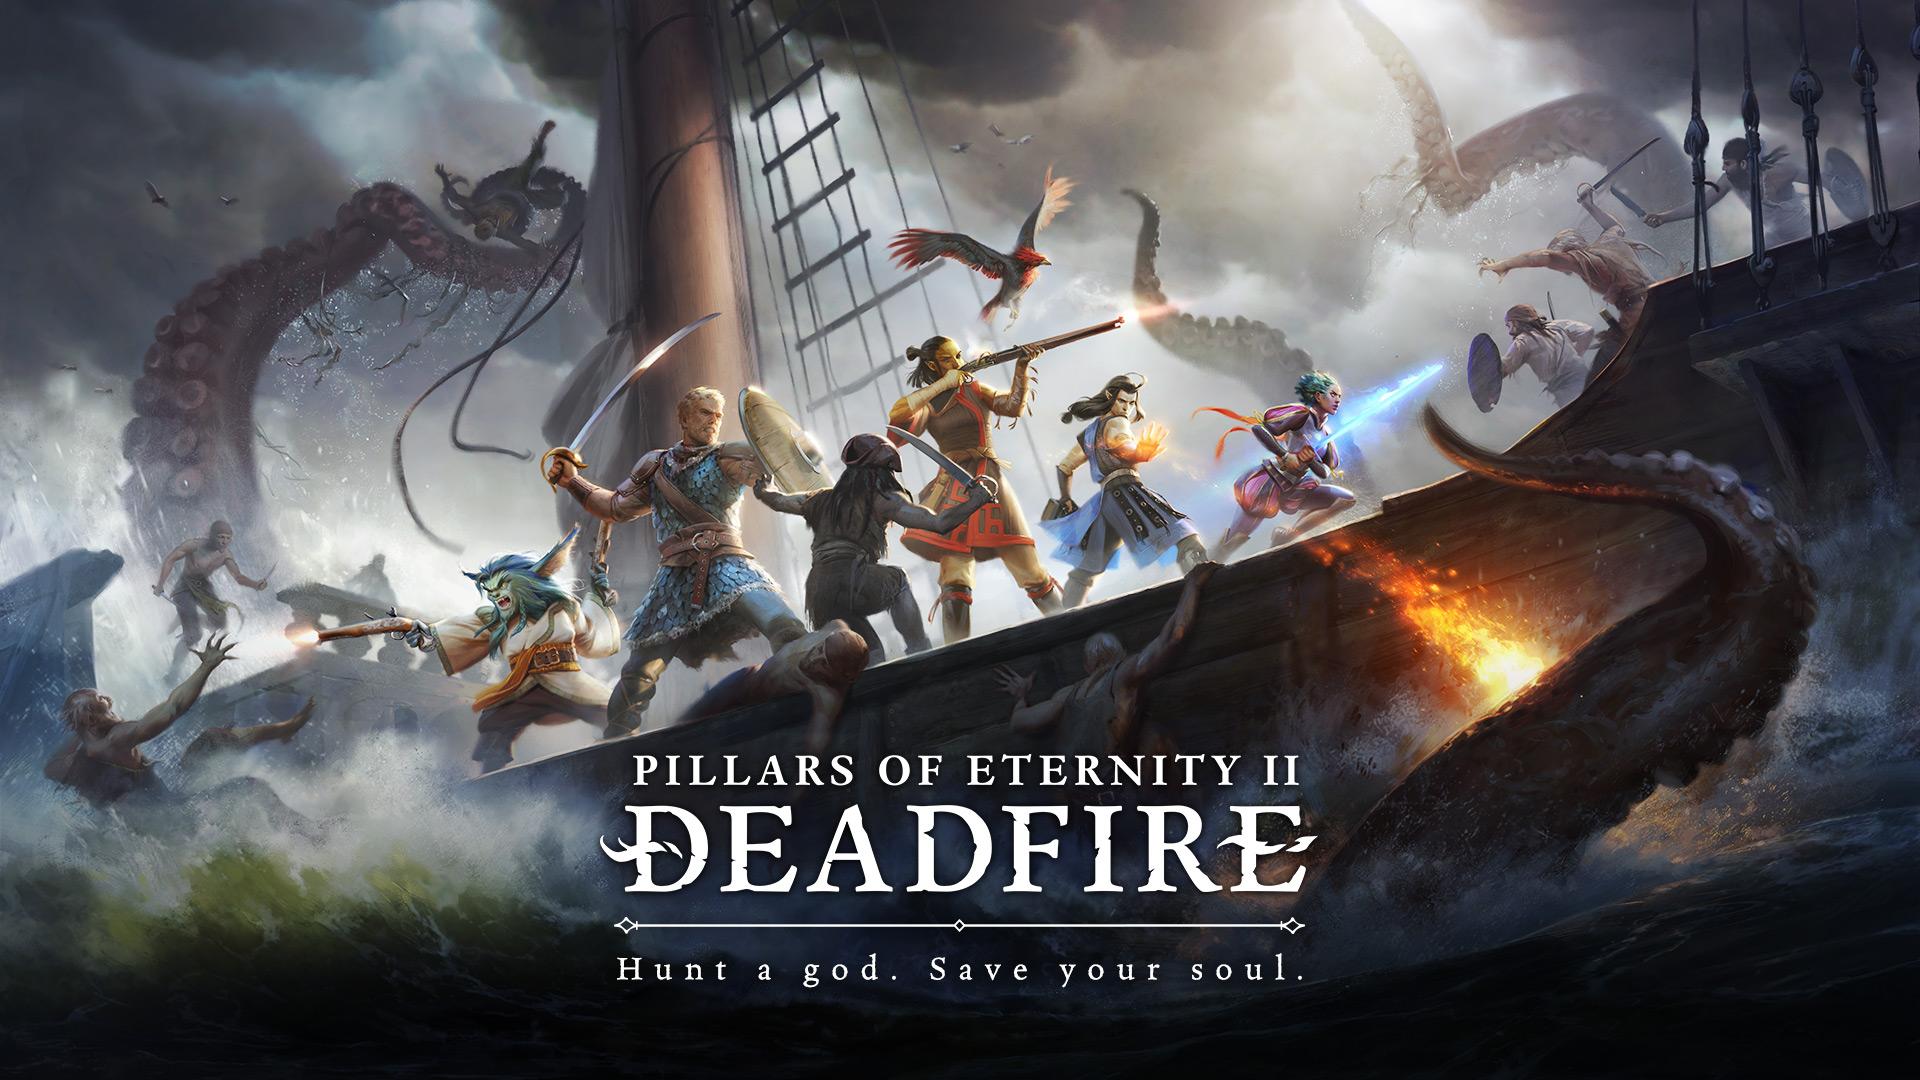 Pillars Of Eternity II: Deadfire a caminho das consolas!